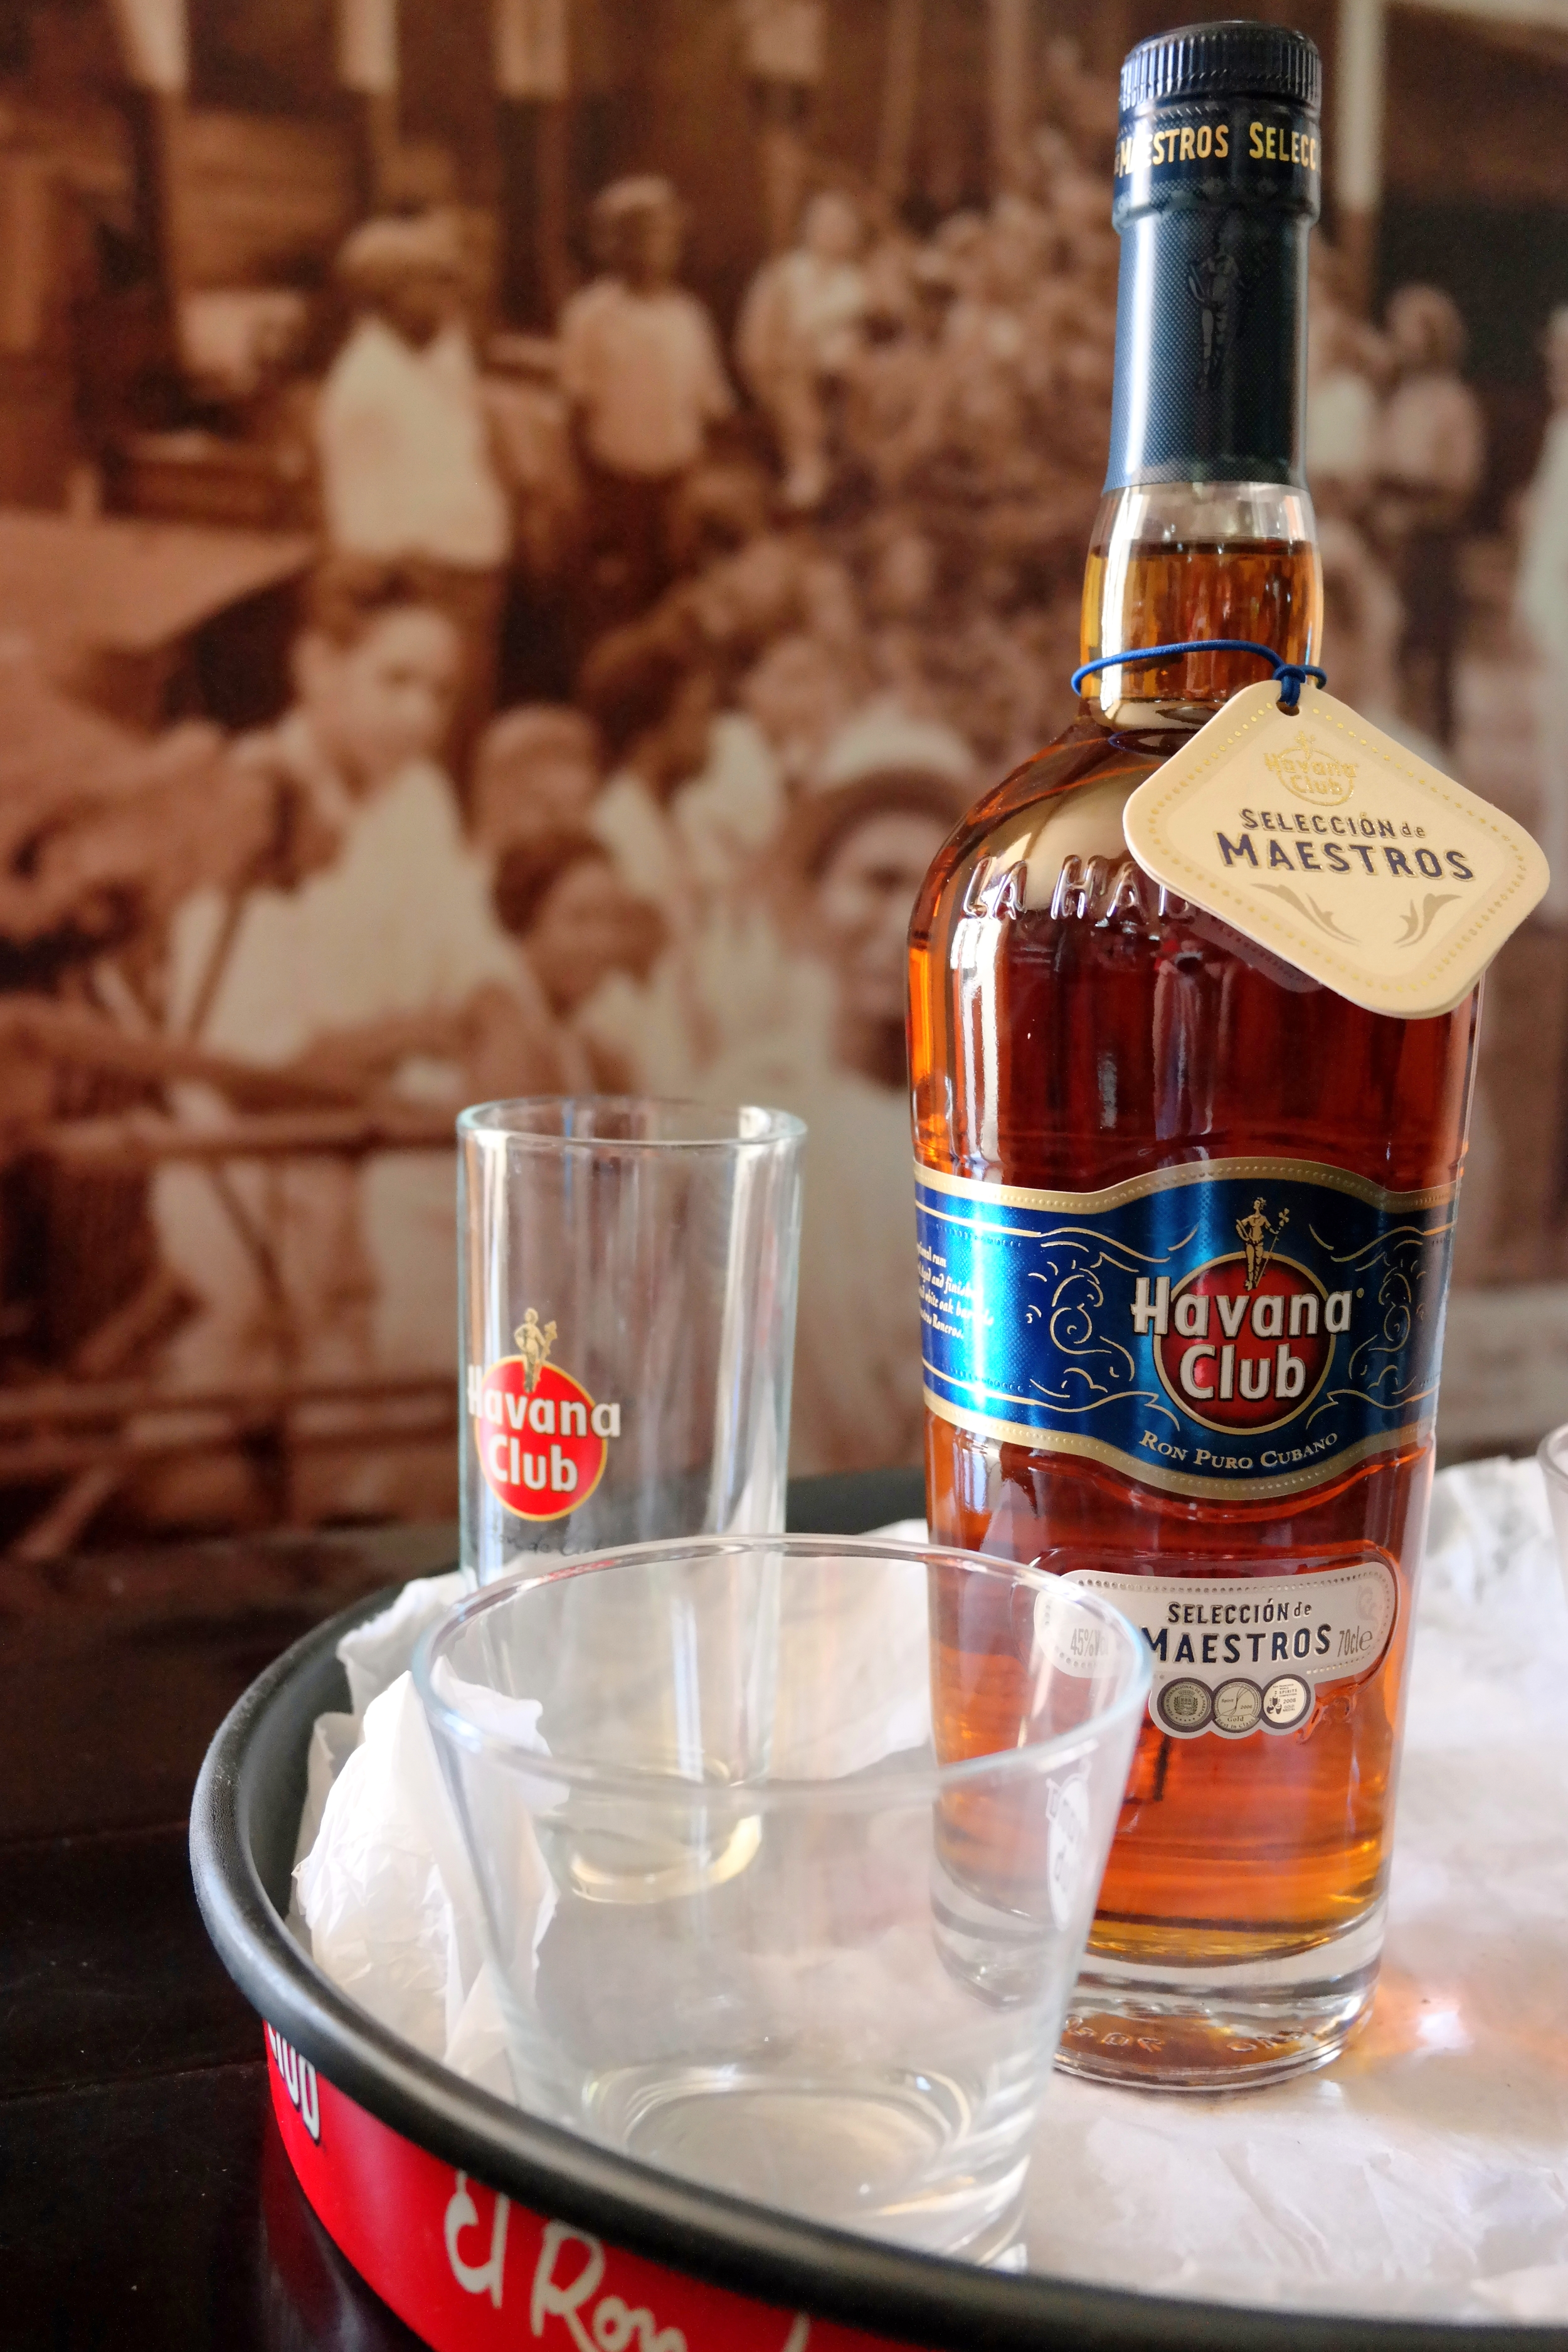 Havana Club är för många lika med kubansk rom, men glöm inte märken som Santero och Santiago de Cuba.